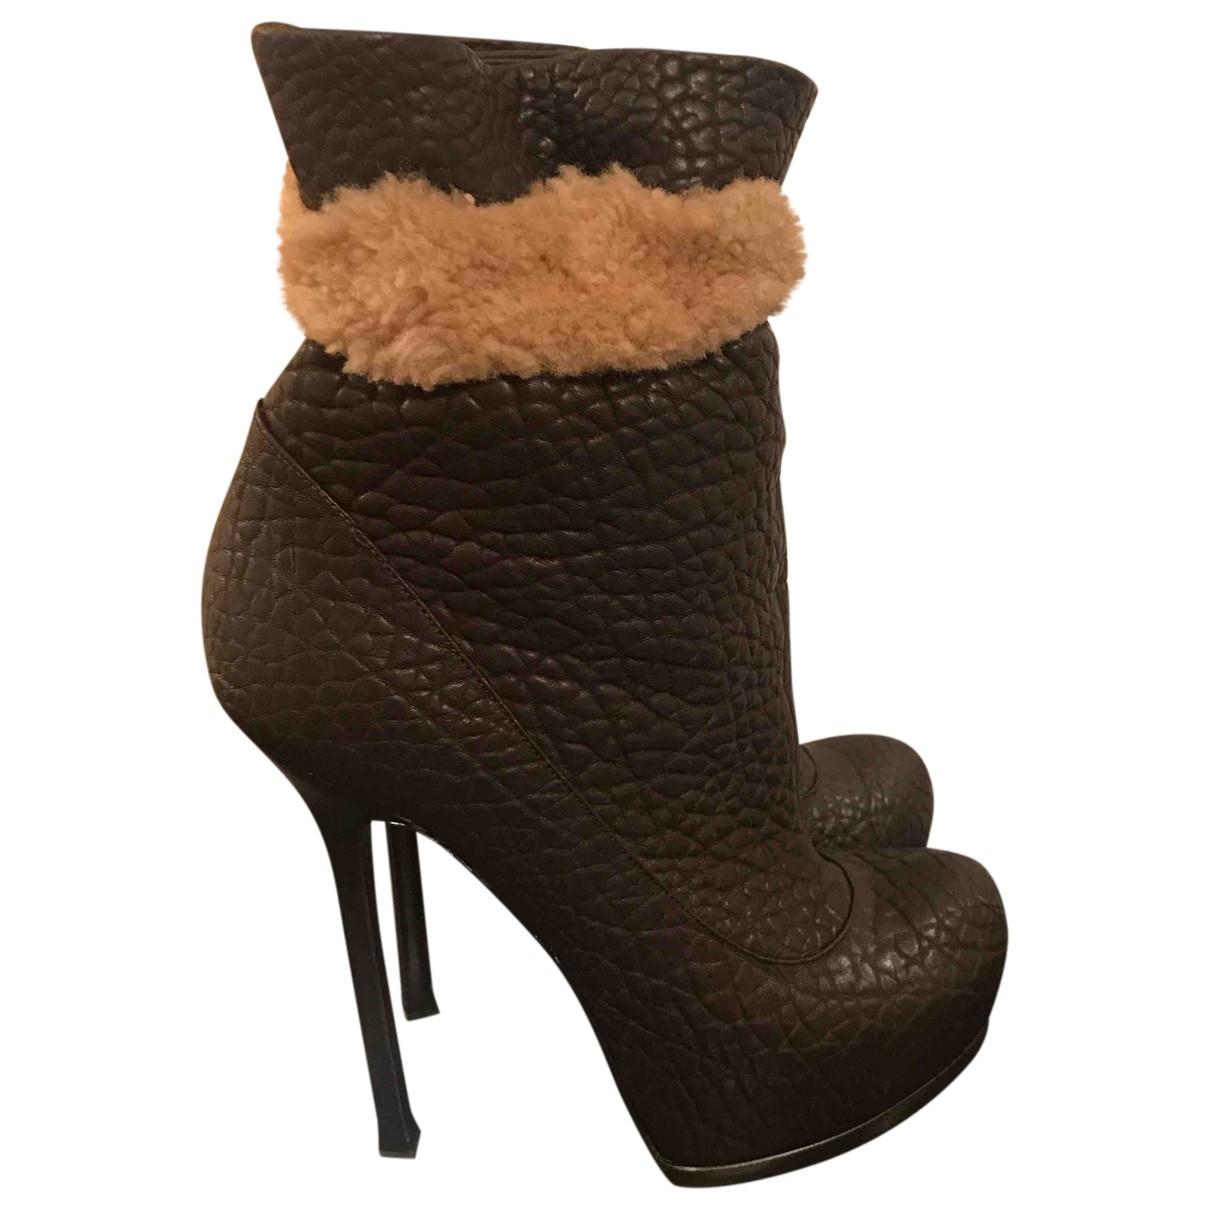 Yves Saint Laurent - Boots   pour femme en cuir - marron